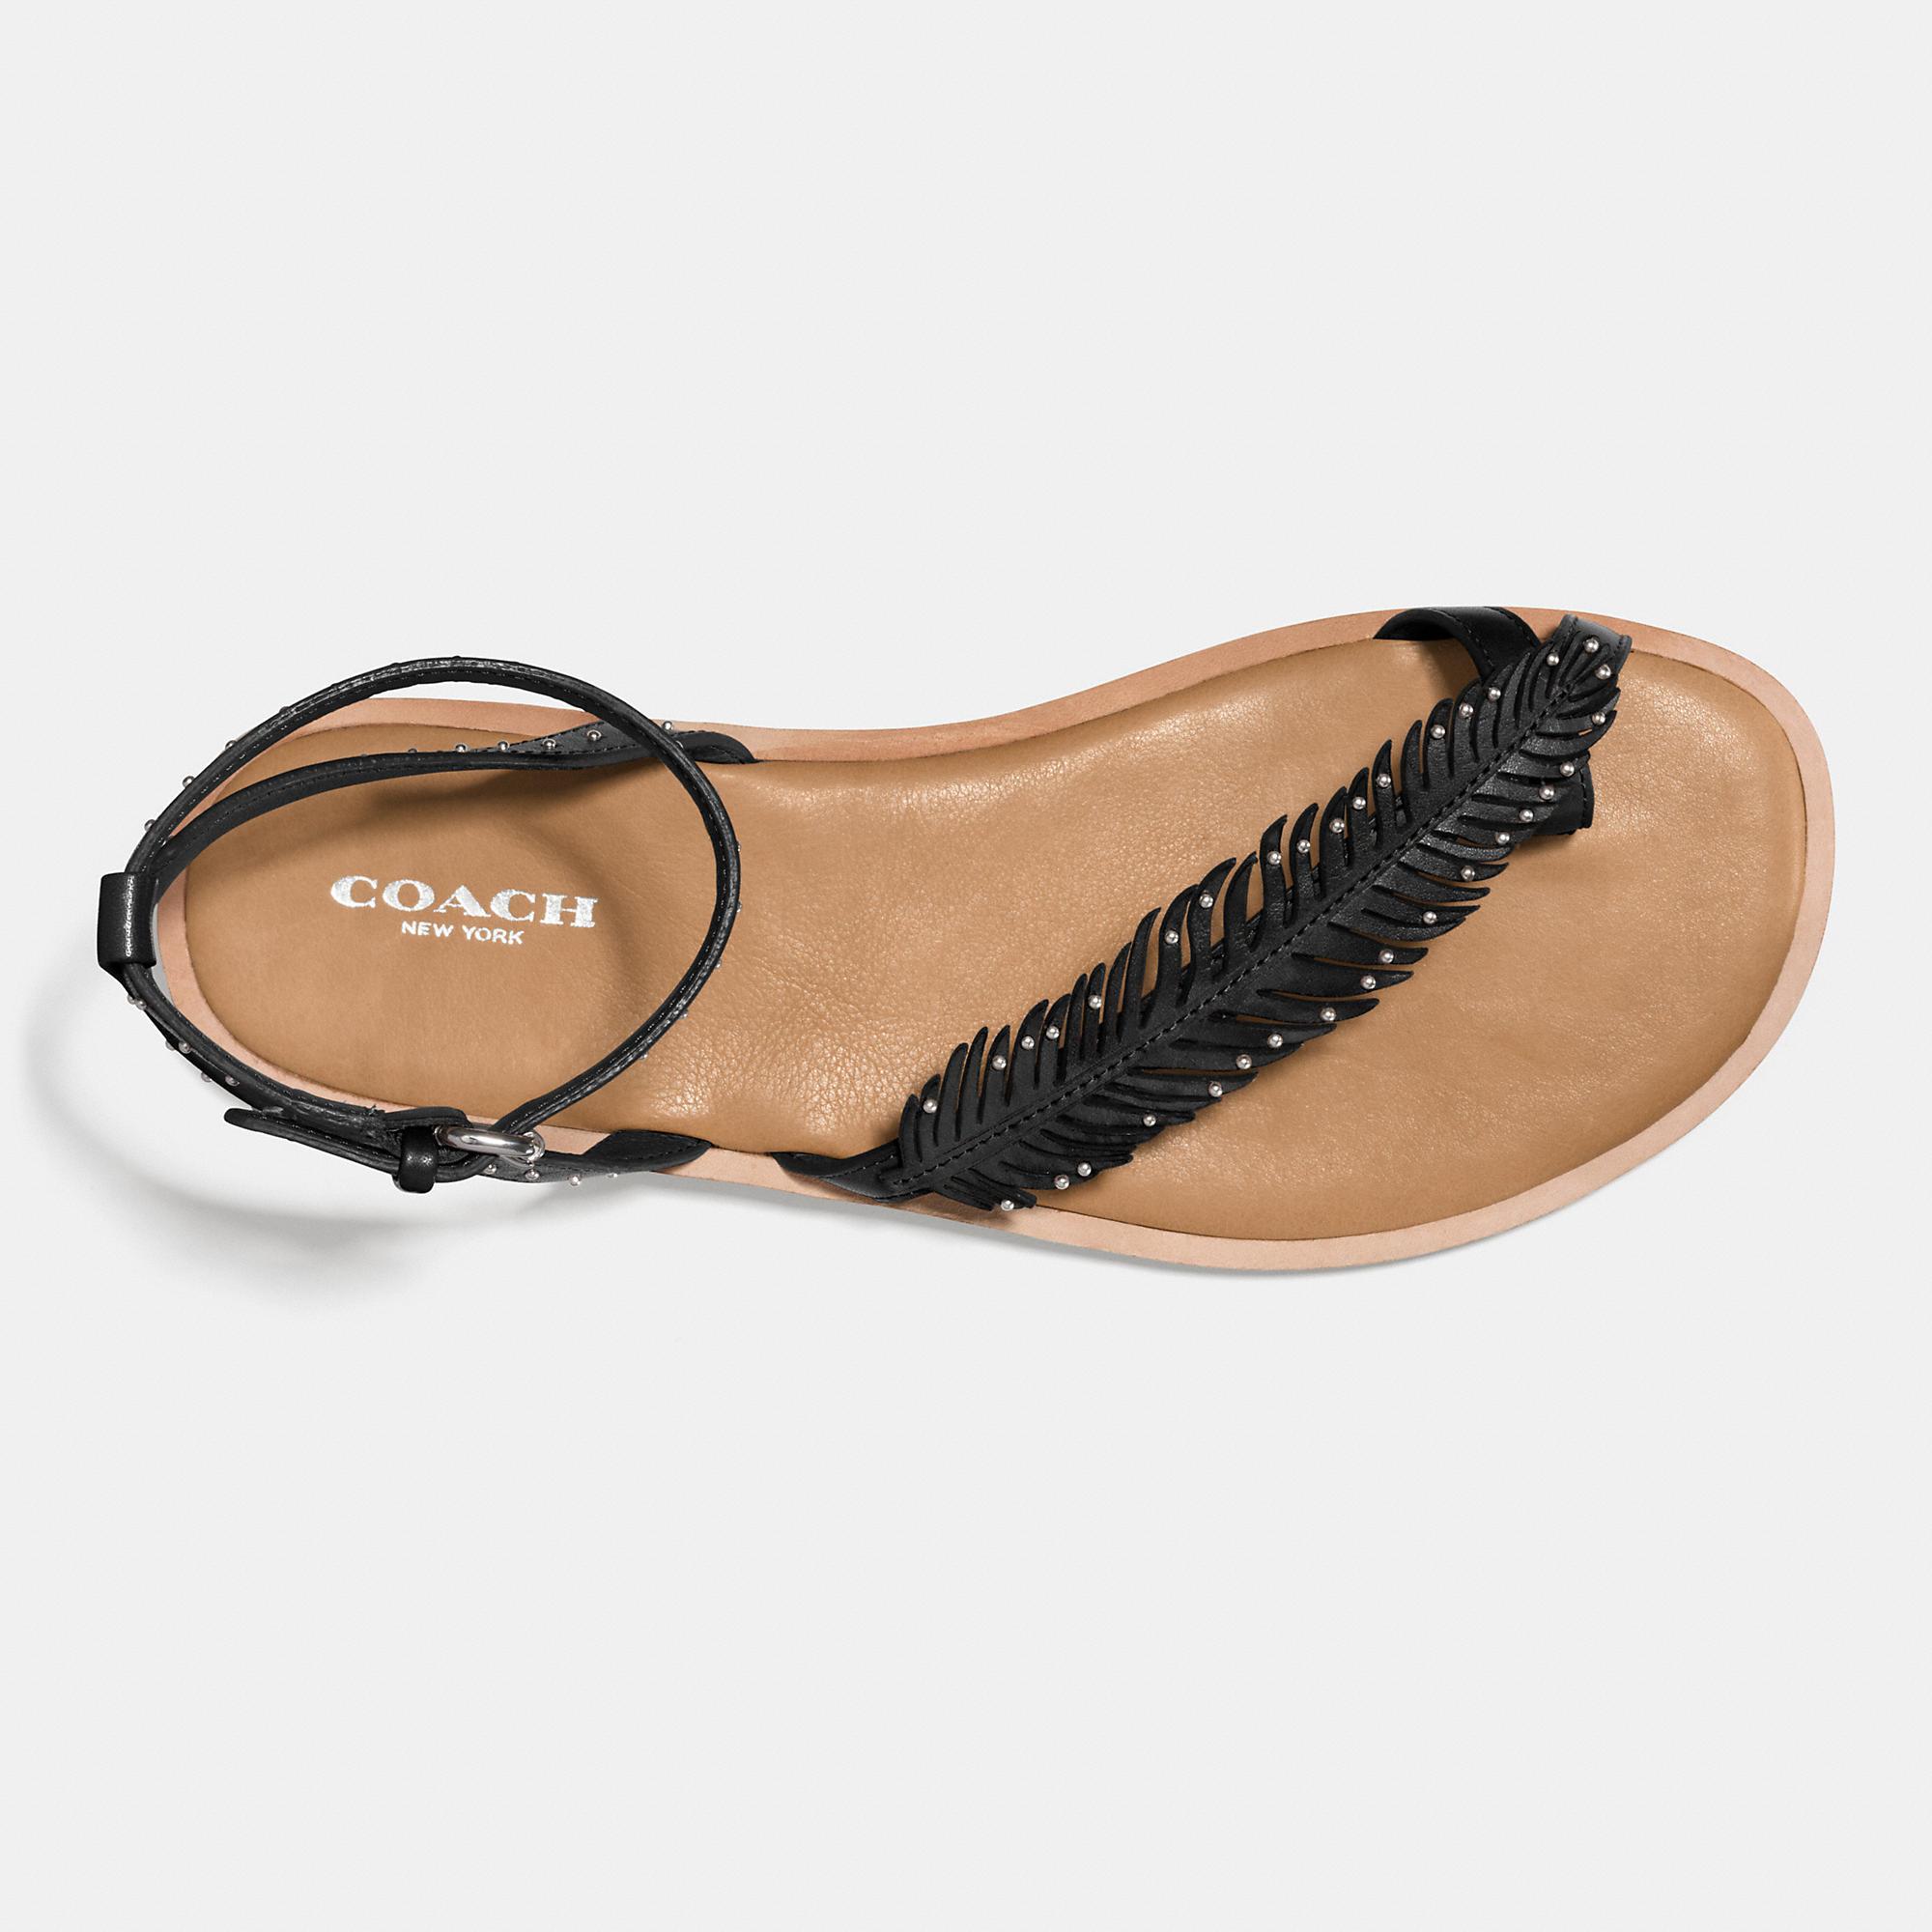 572382ae17faa1 Lyst - COACH Beach Sandal in Black